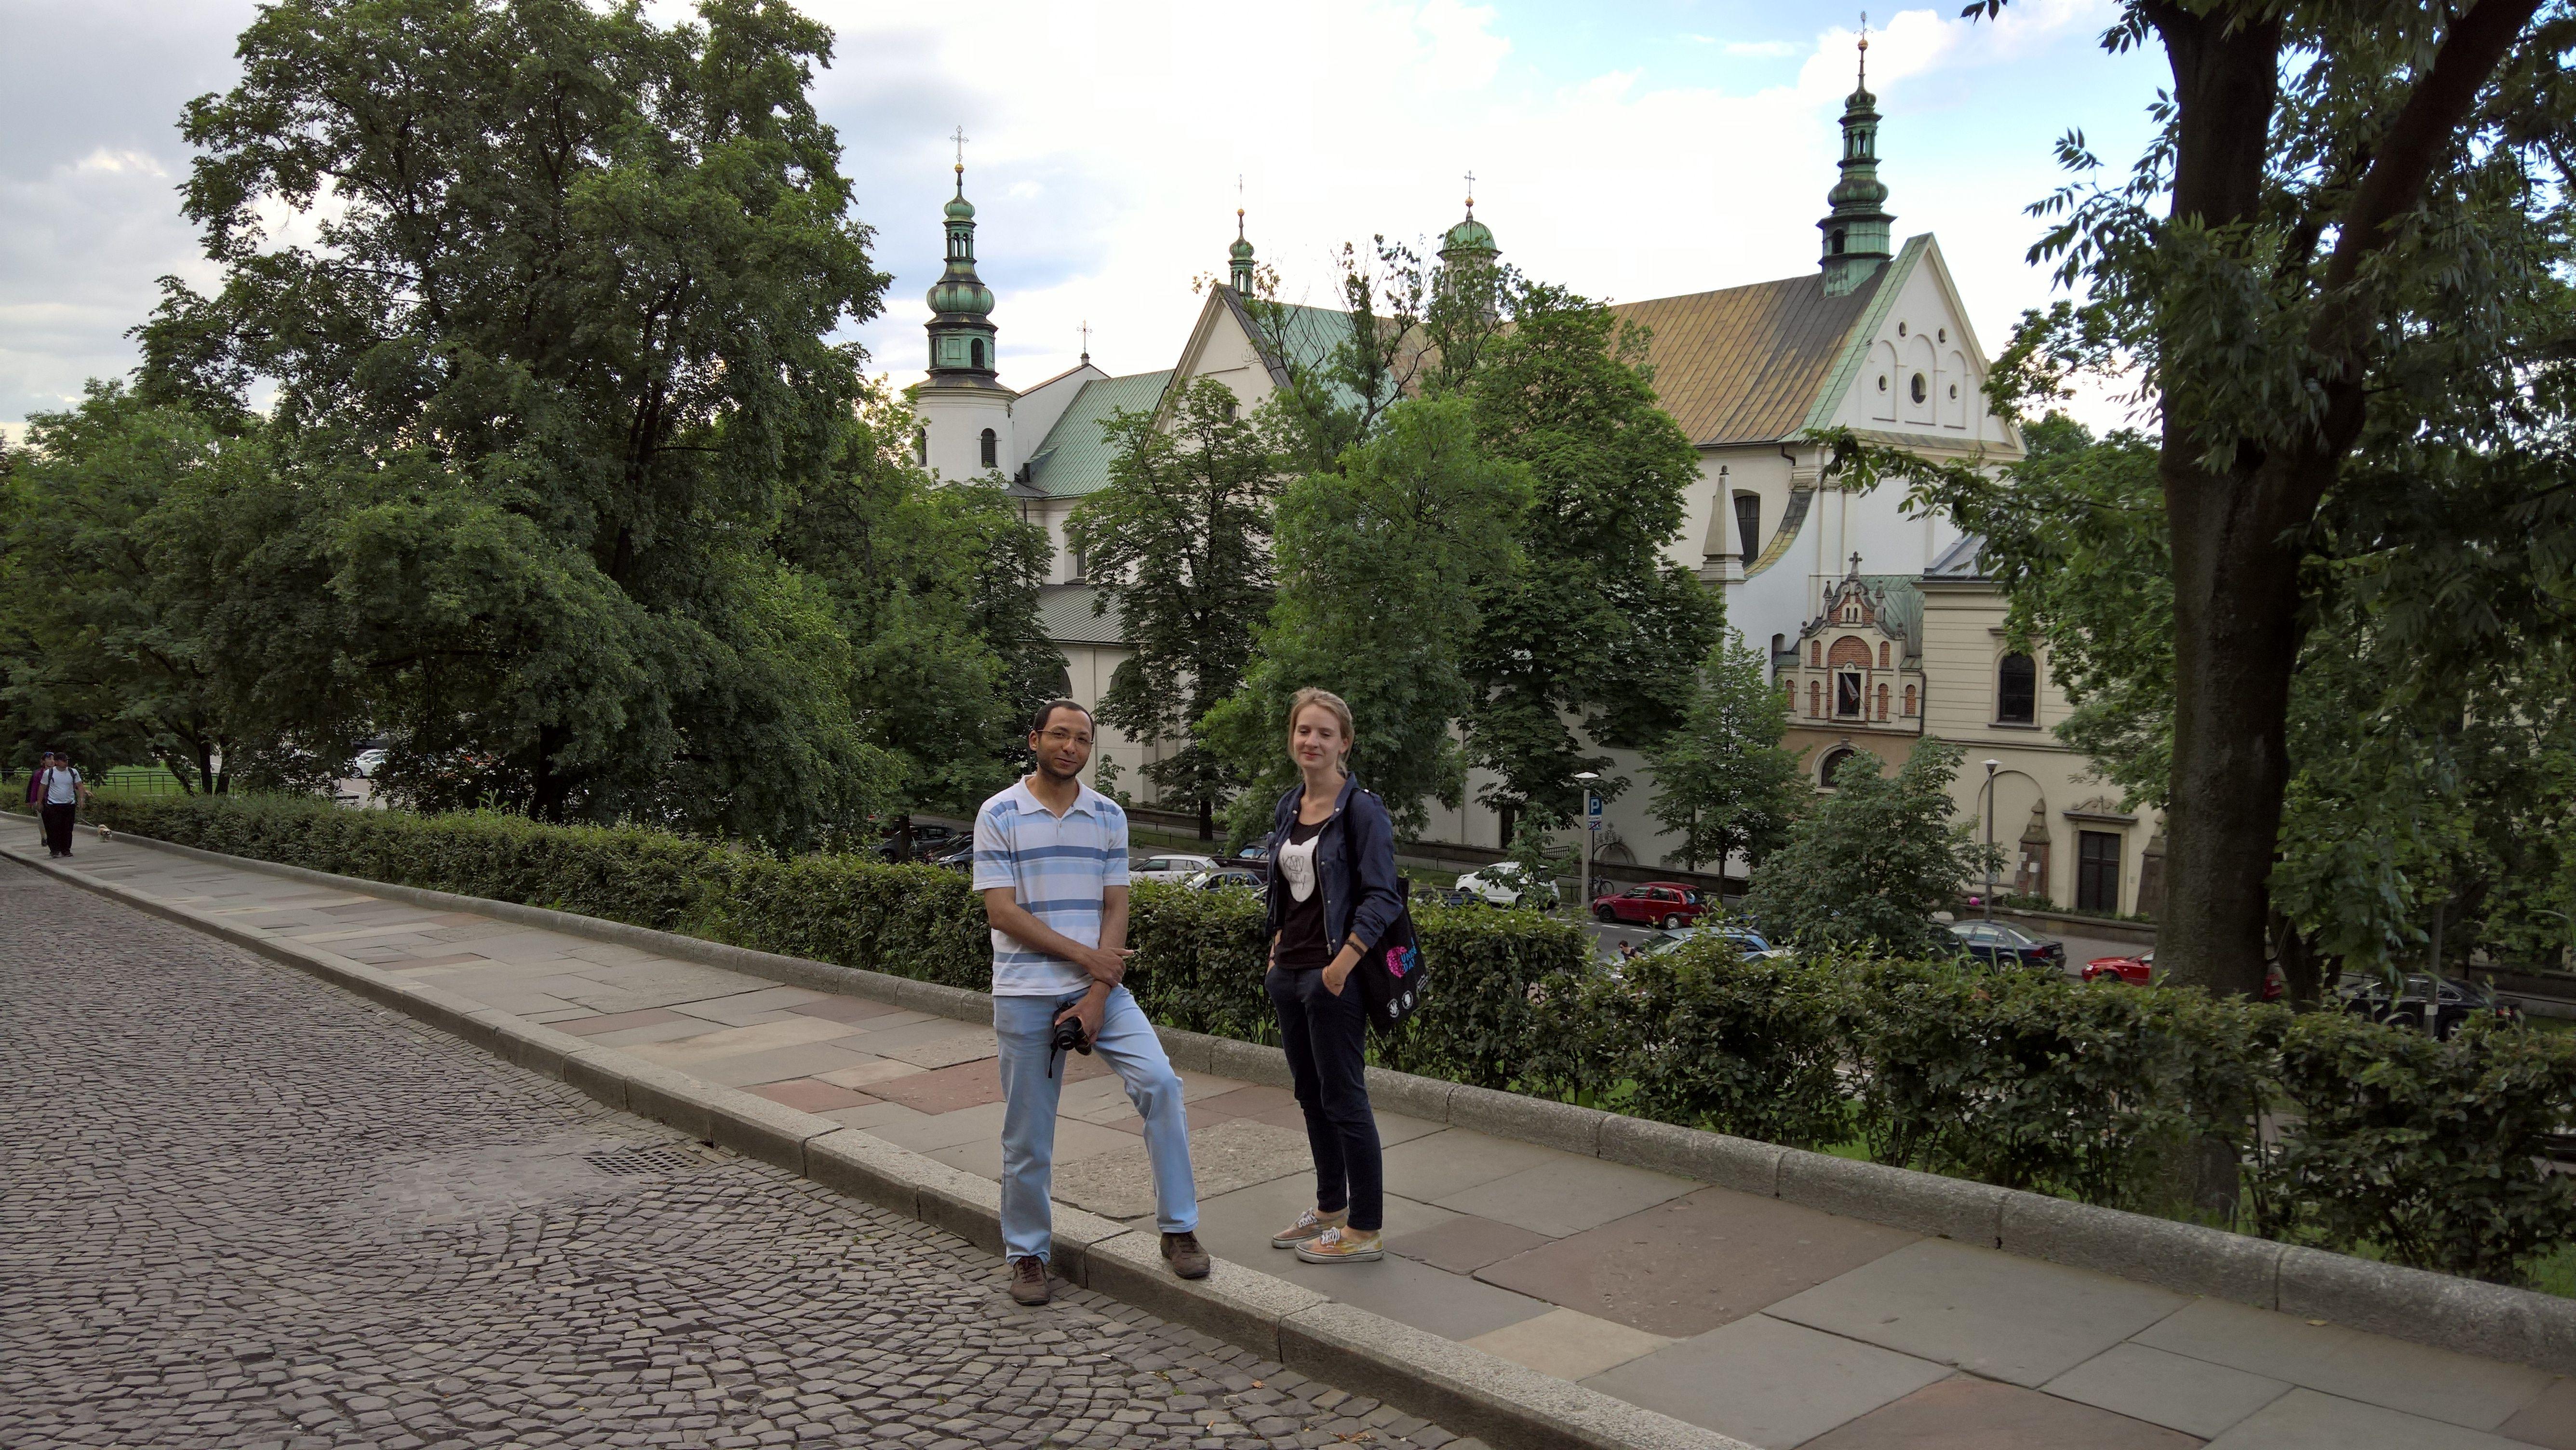 Going towards Kazimierz